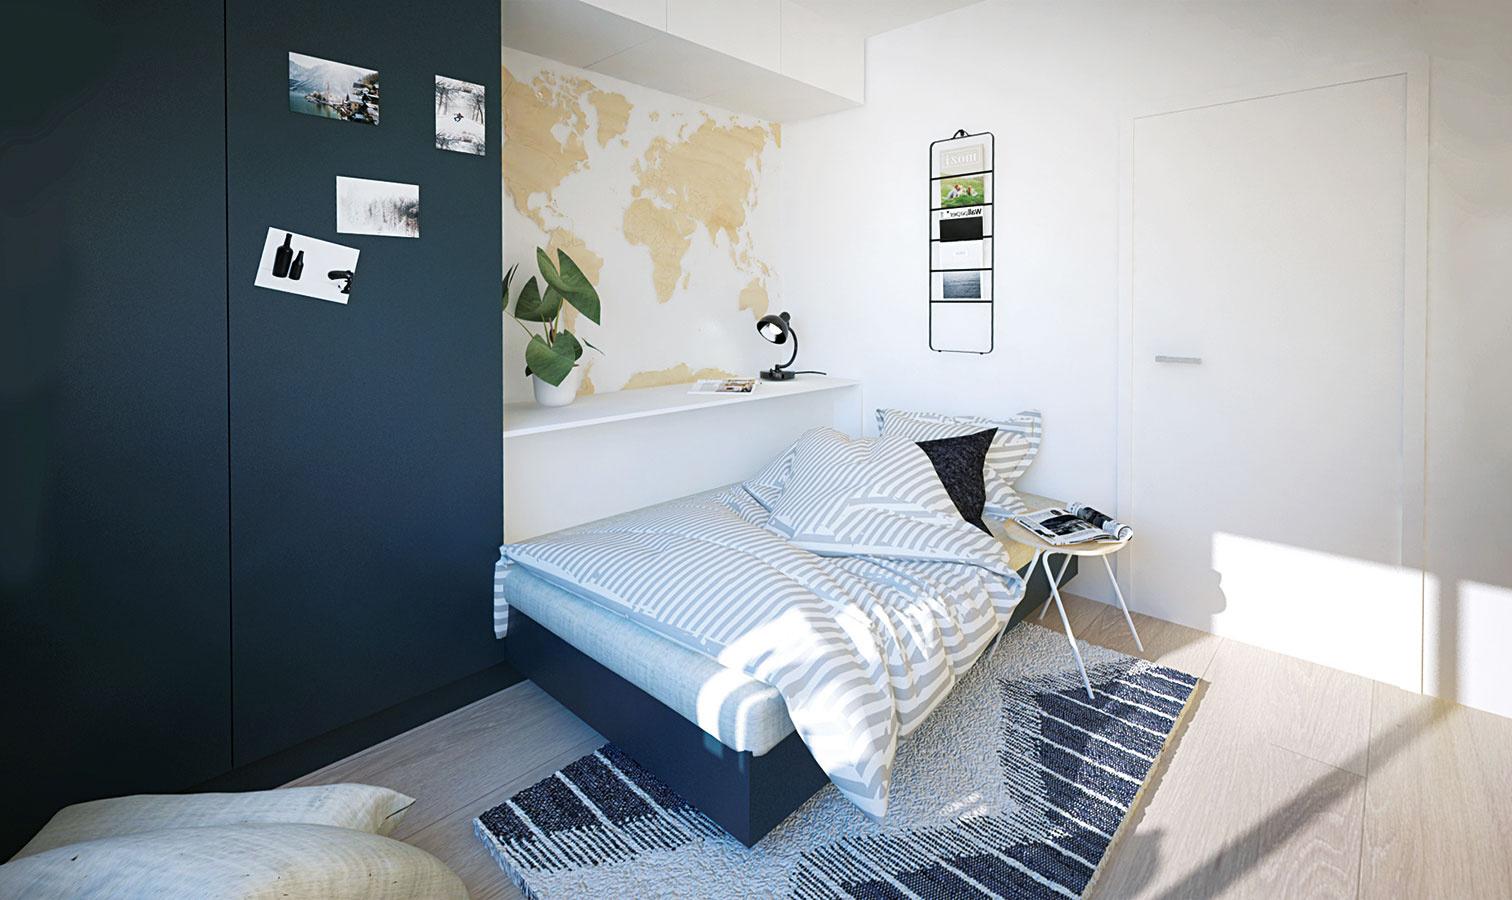 Výsuvná posteľ sa cez deň pomocou vankúšov zmení na sedačku. Takýmto spôsobom sa v priestore spojili dva veľké kusy nábytku do jedného, ináč by sa tam nezmestili.